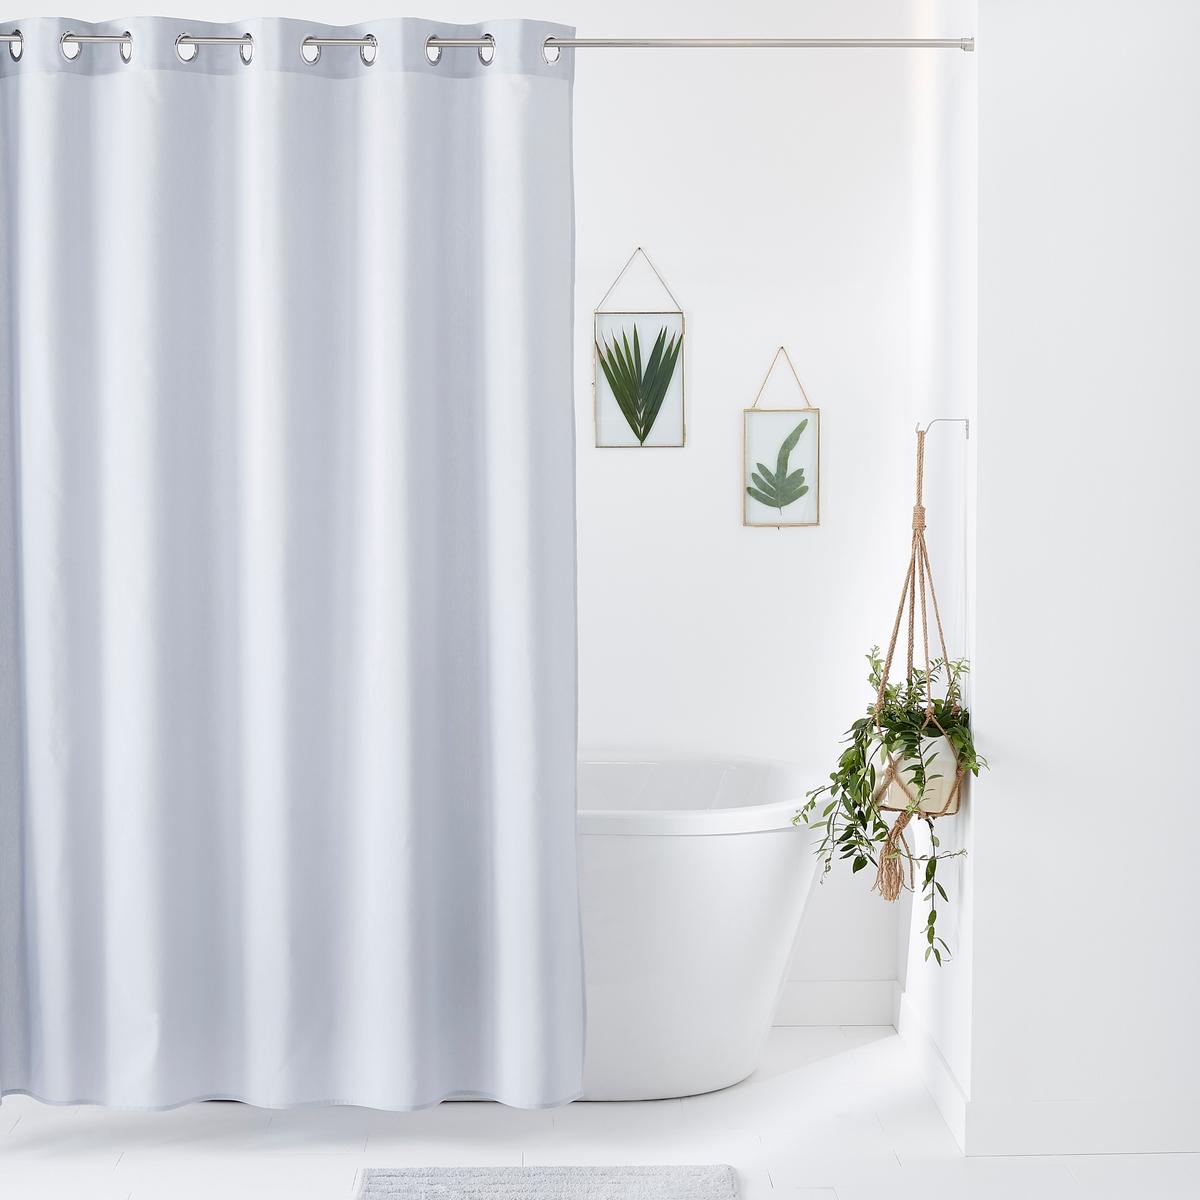 Штора LaRedoute Для душа из однотонного полотна SCENARIO 200 x 120 см серый